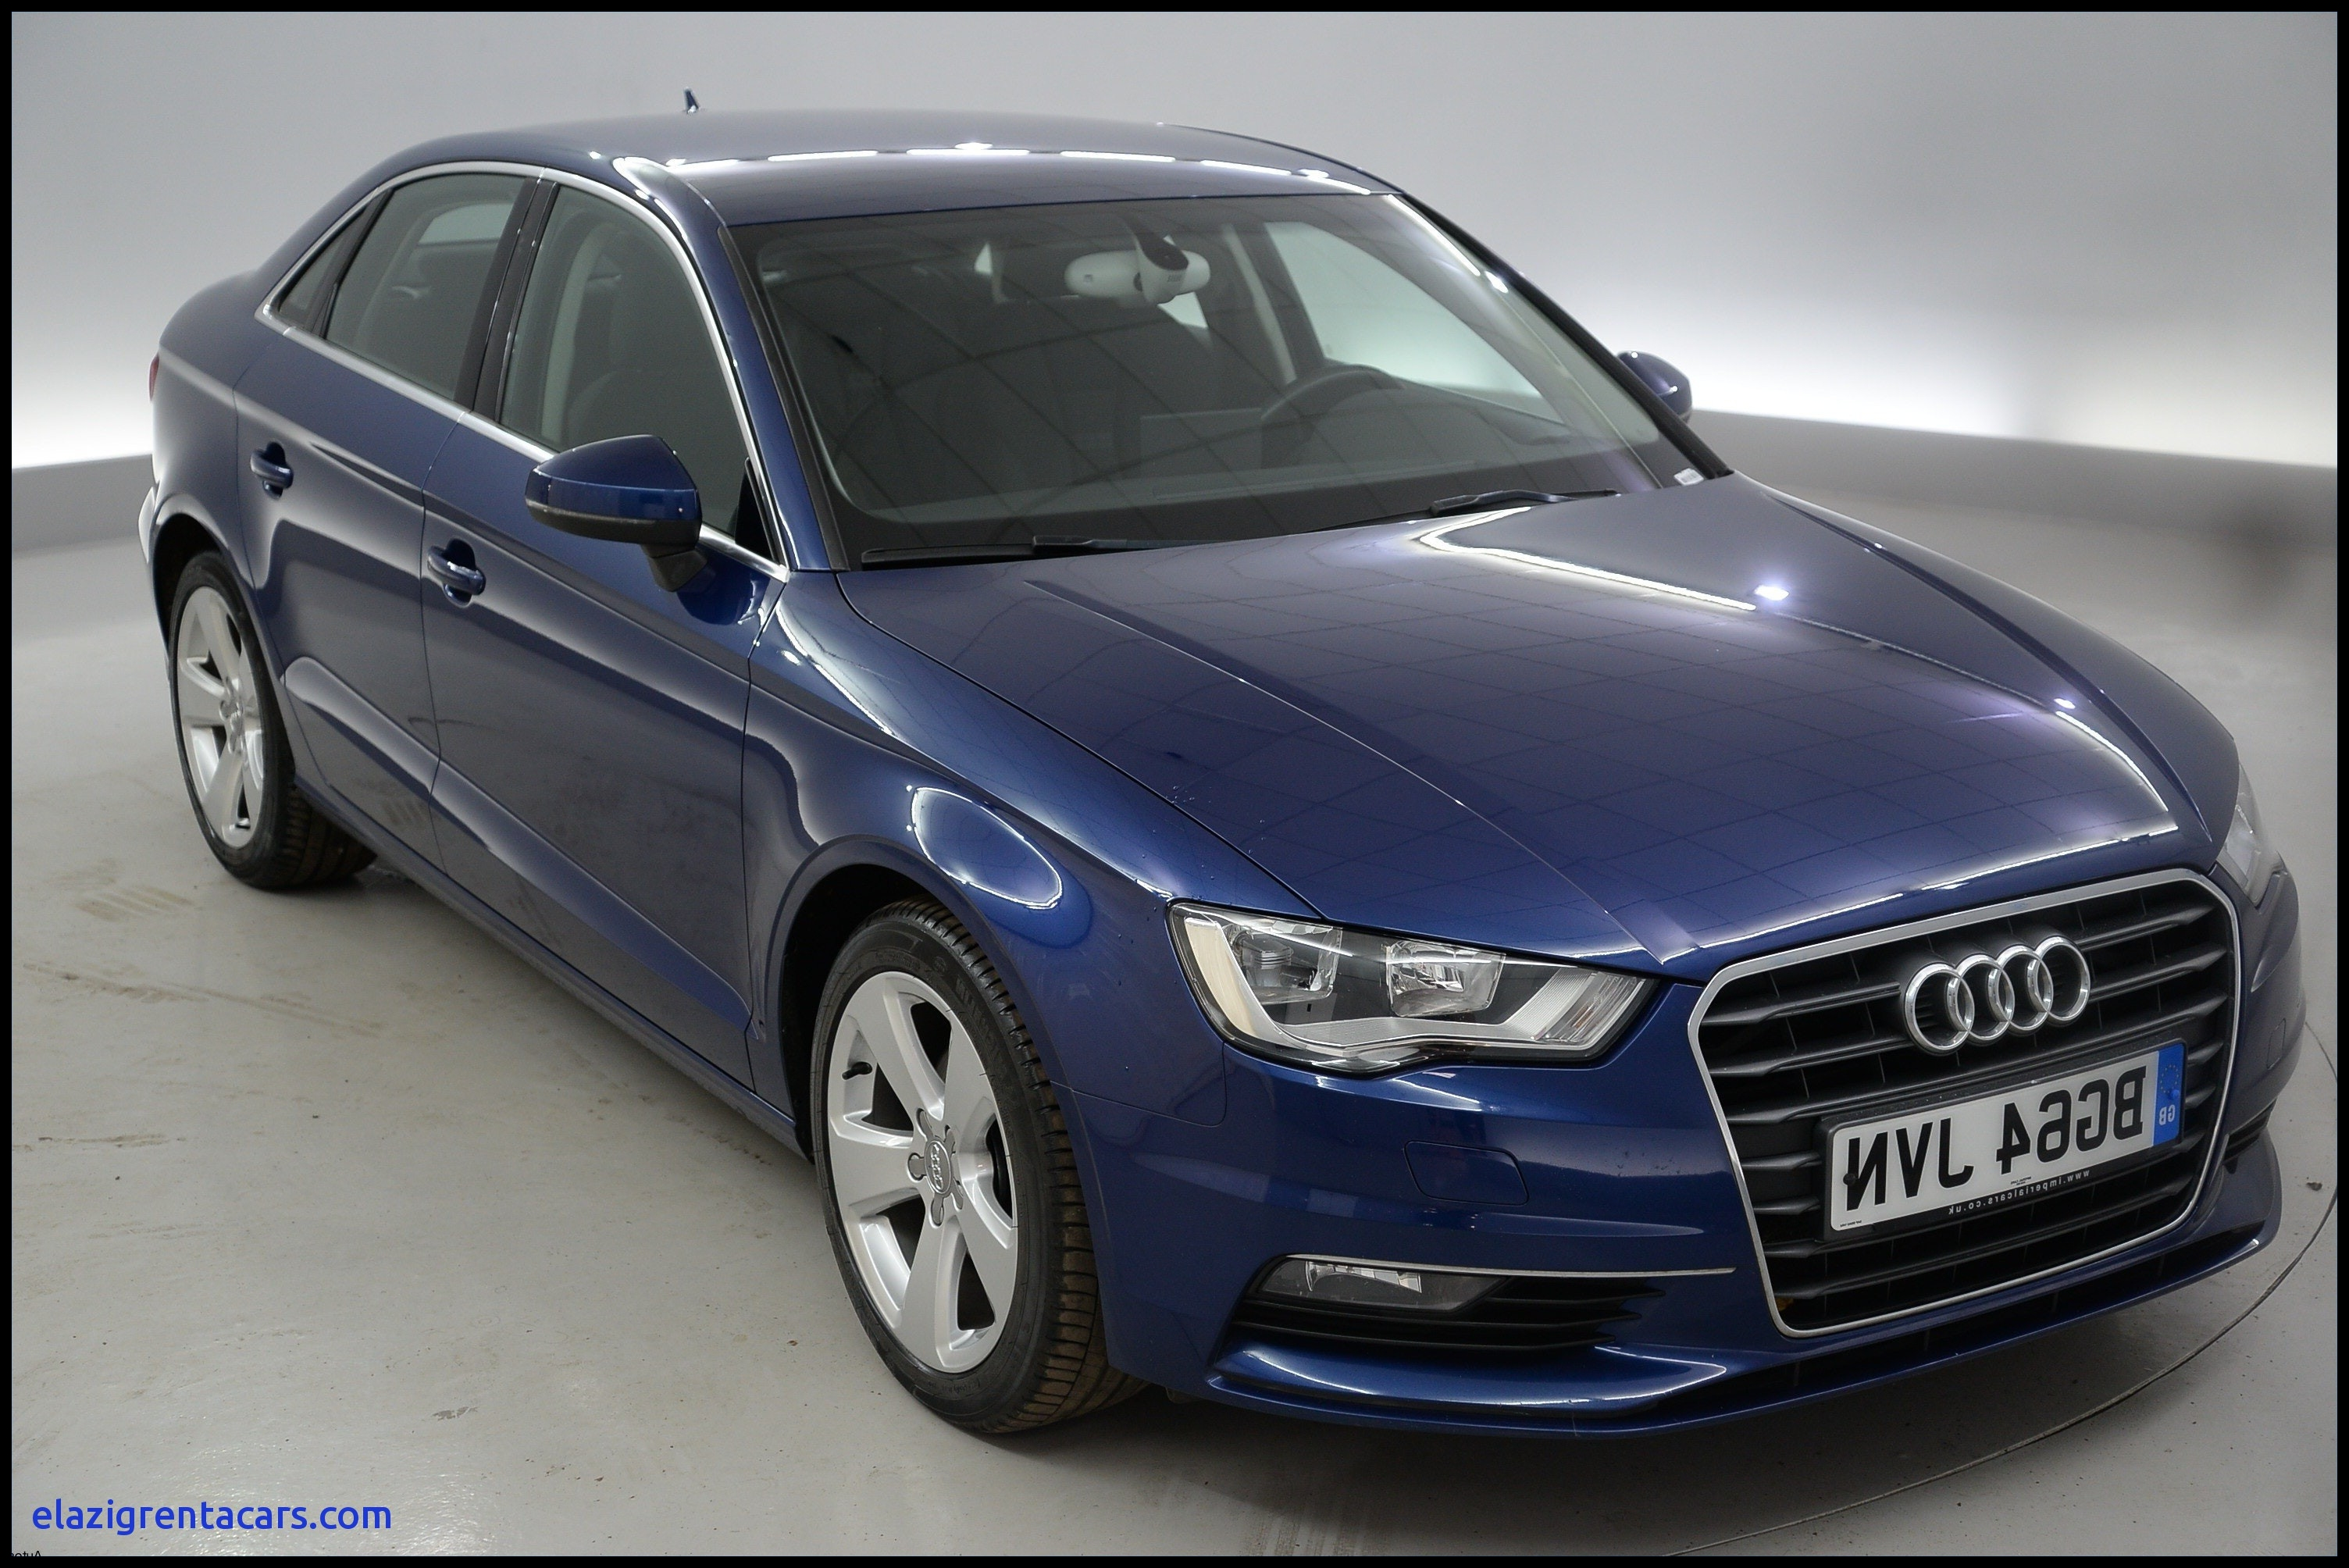 2019 Audi Lease Specials Unique Audi A3 Best Audi A3 2018 Release Specs and Review Graph